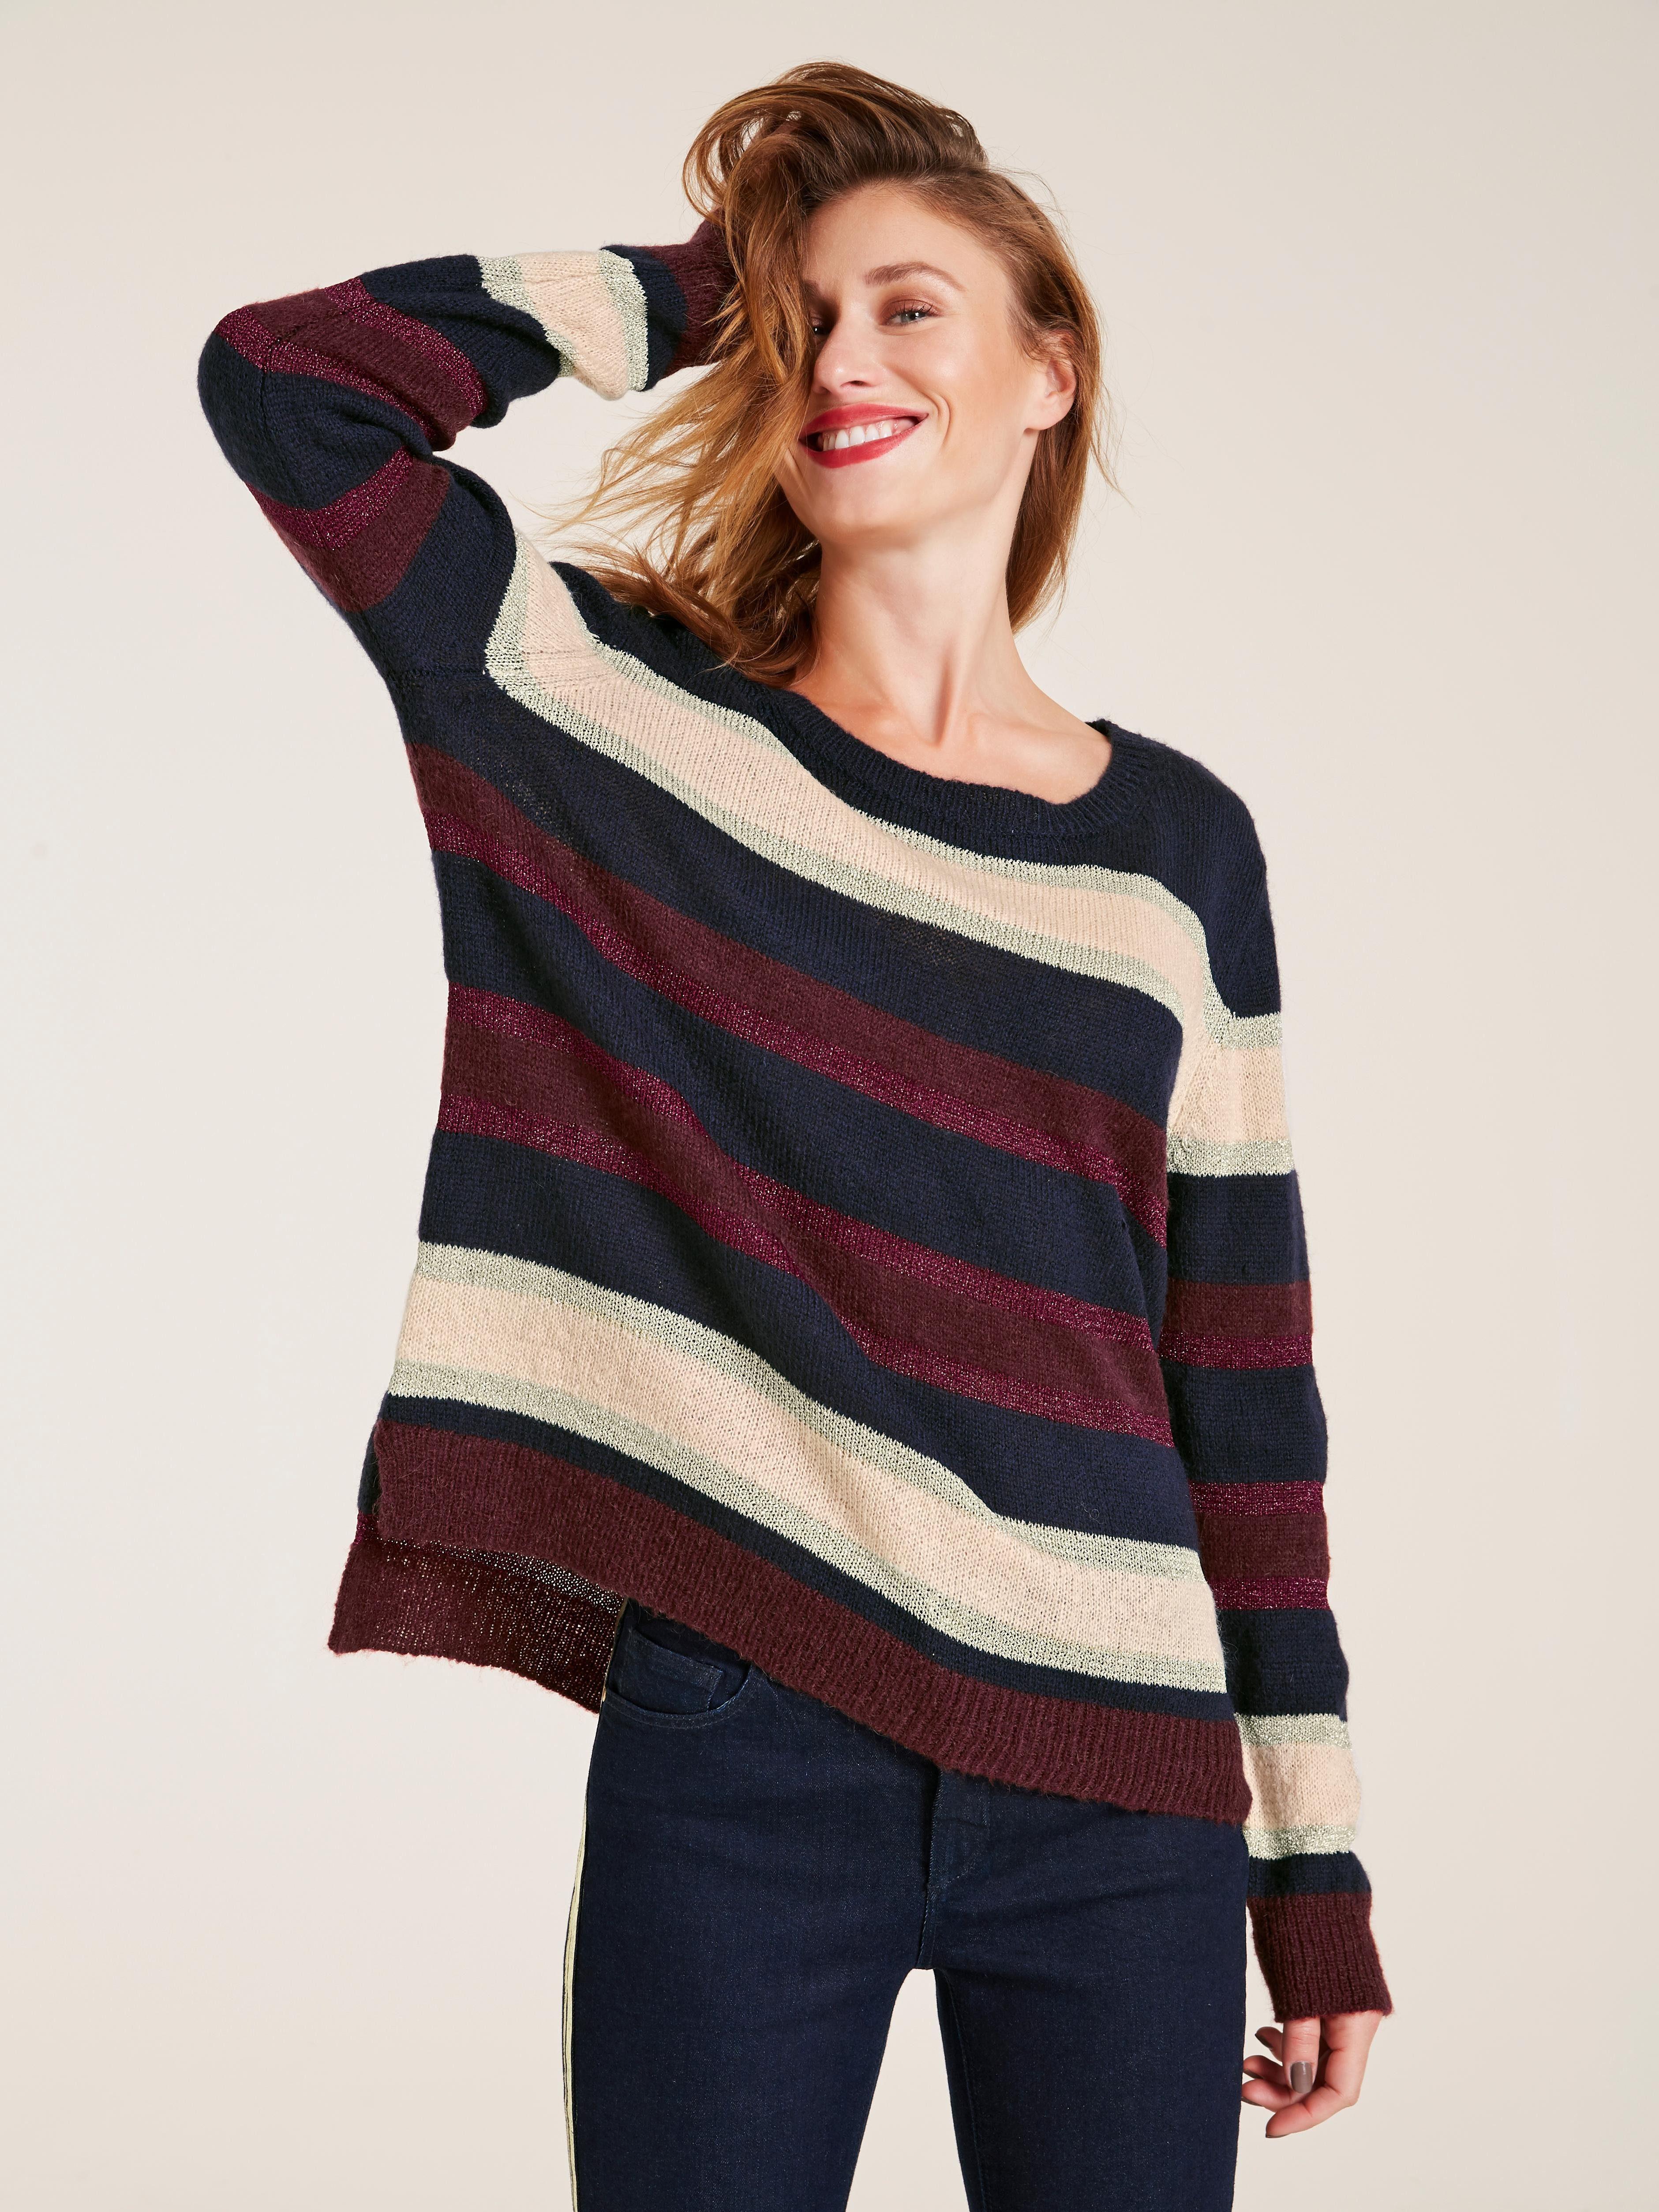 Kaufen Mit Style Online Mohair Heine Pullover EdorCxeWQB